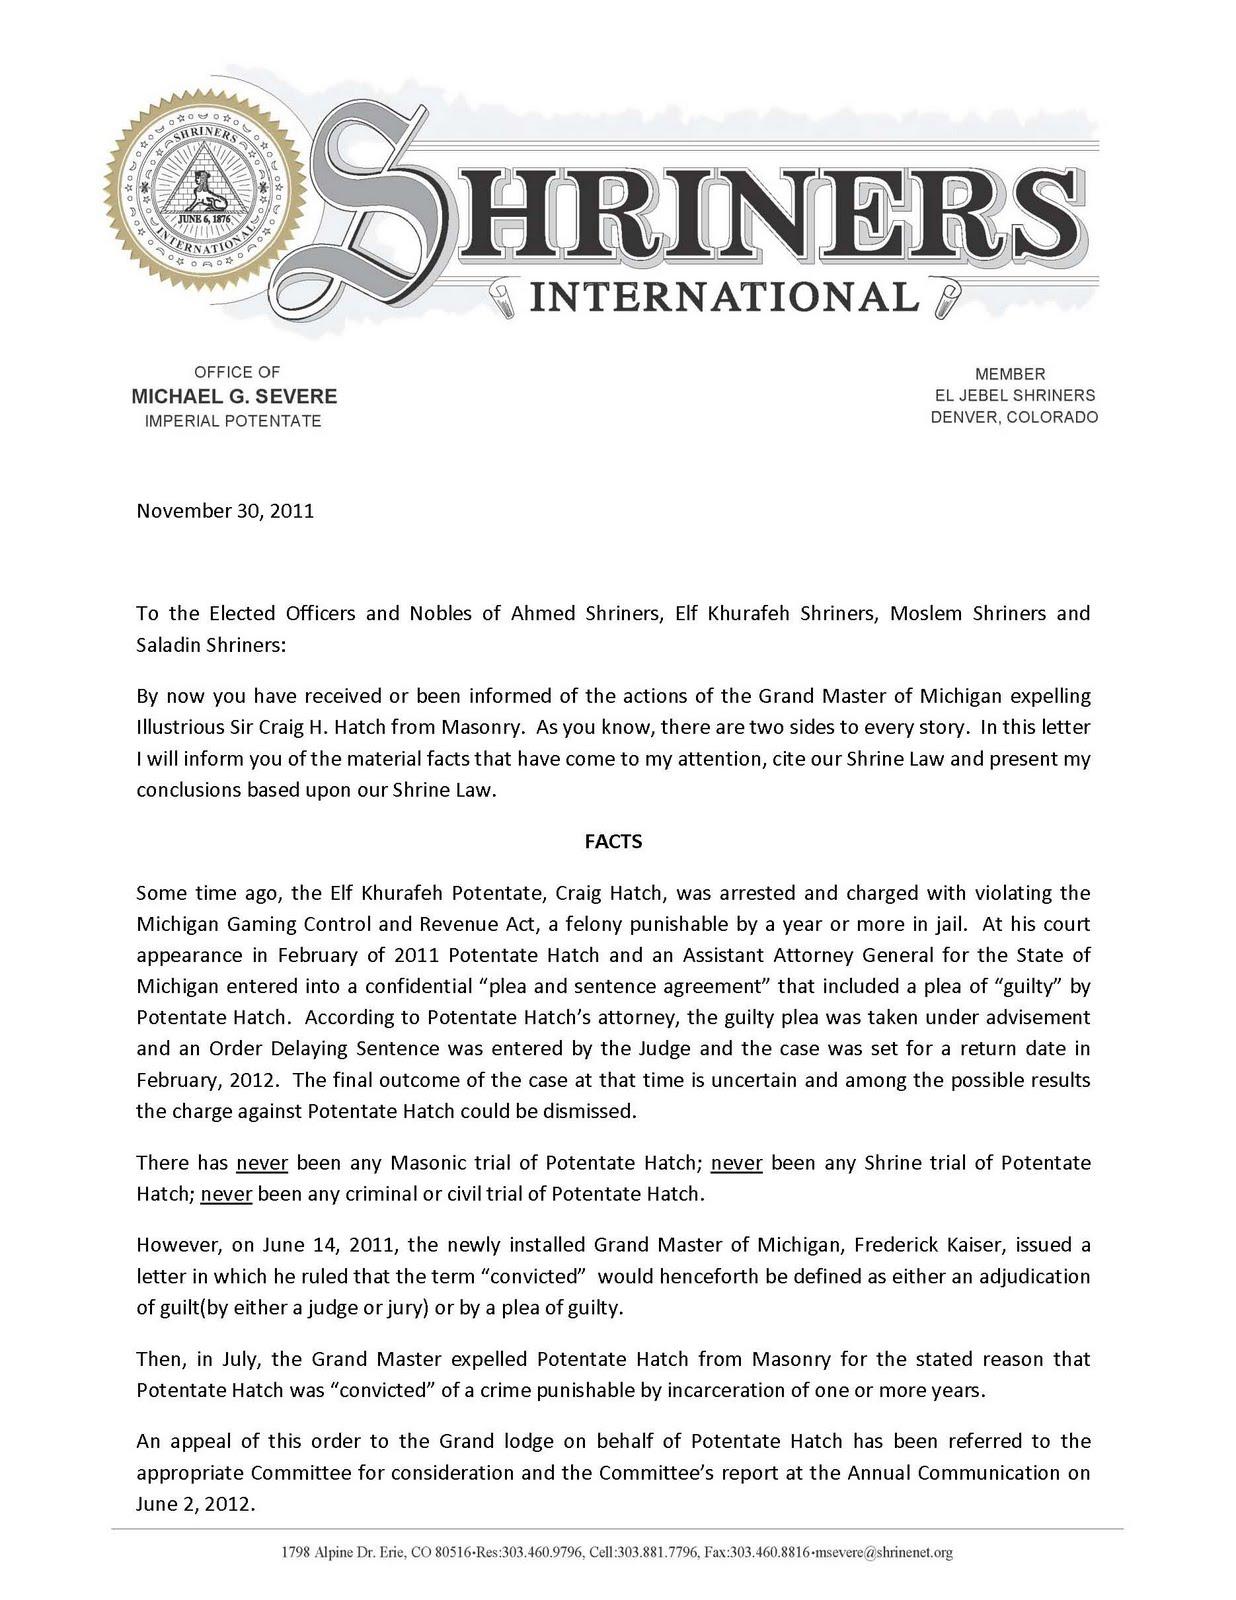 Freemasons For Dummies: Michigan: Shriners Respond To Grand Masteru0027s Order